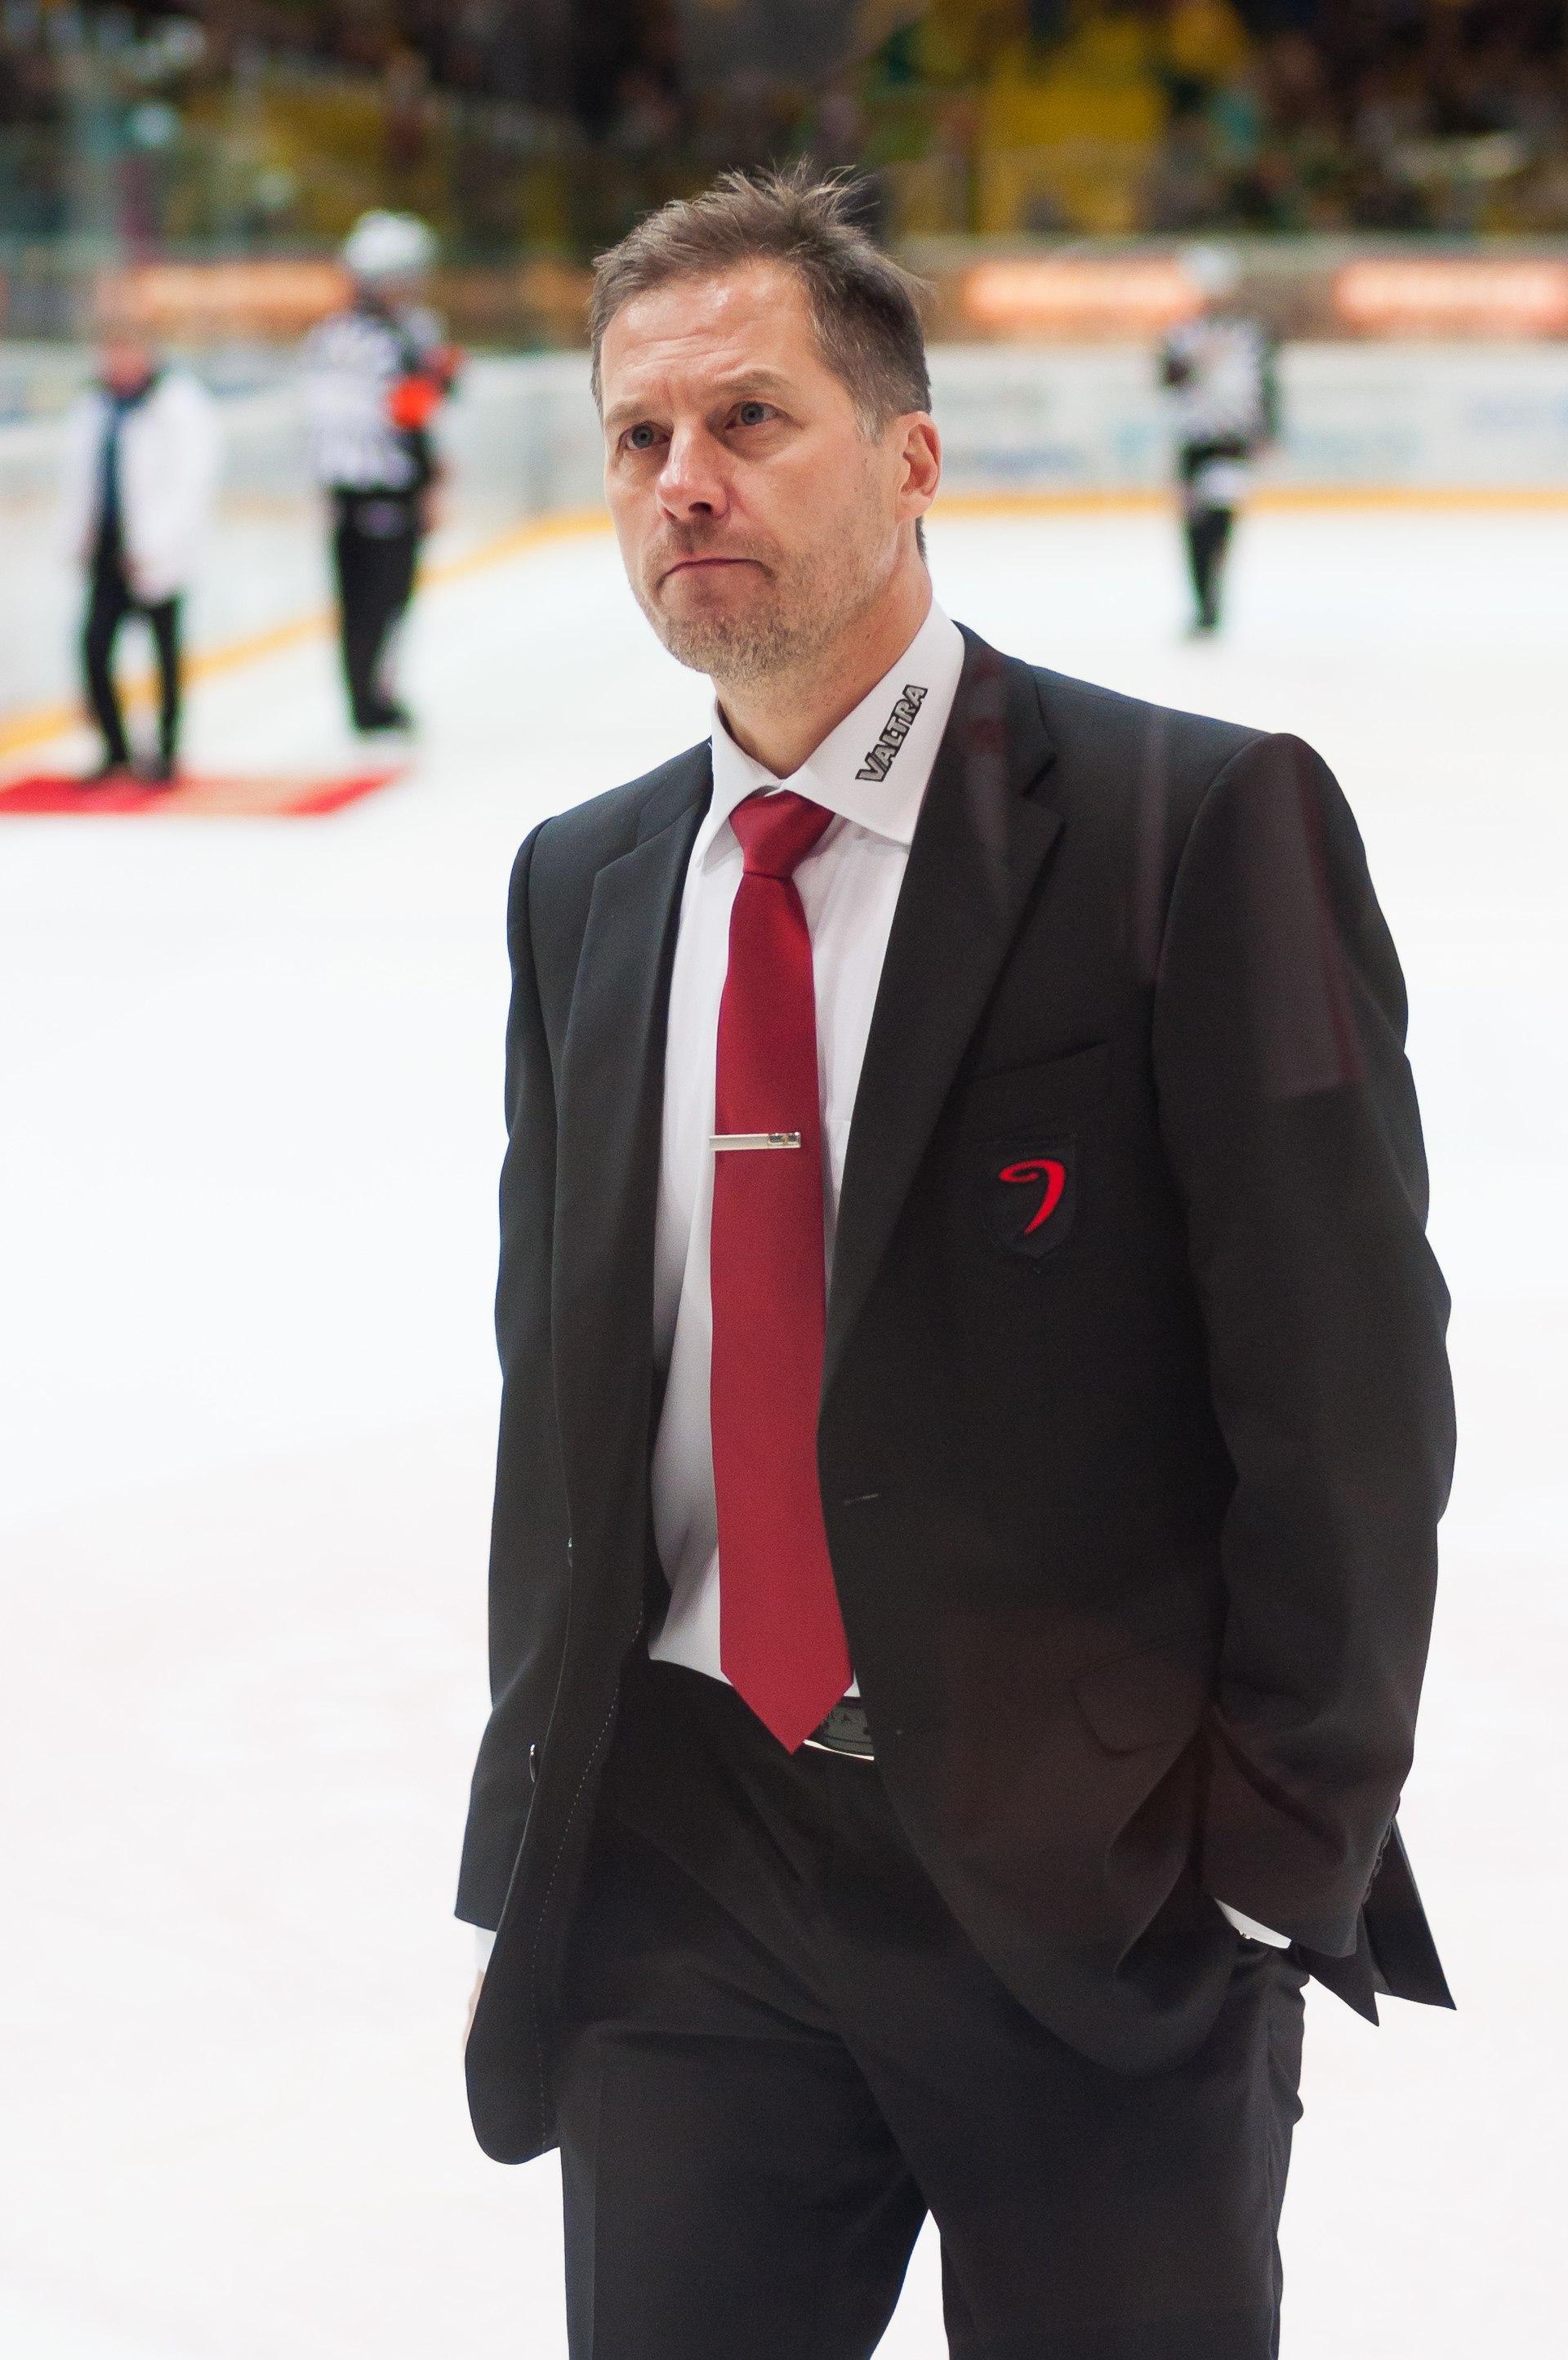 Ari Pekka Hölttä